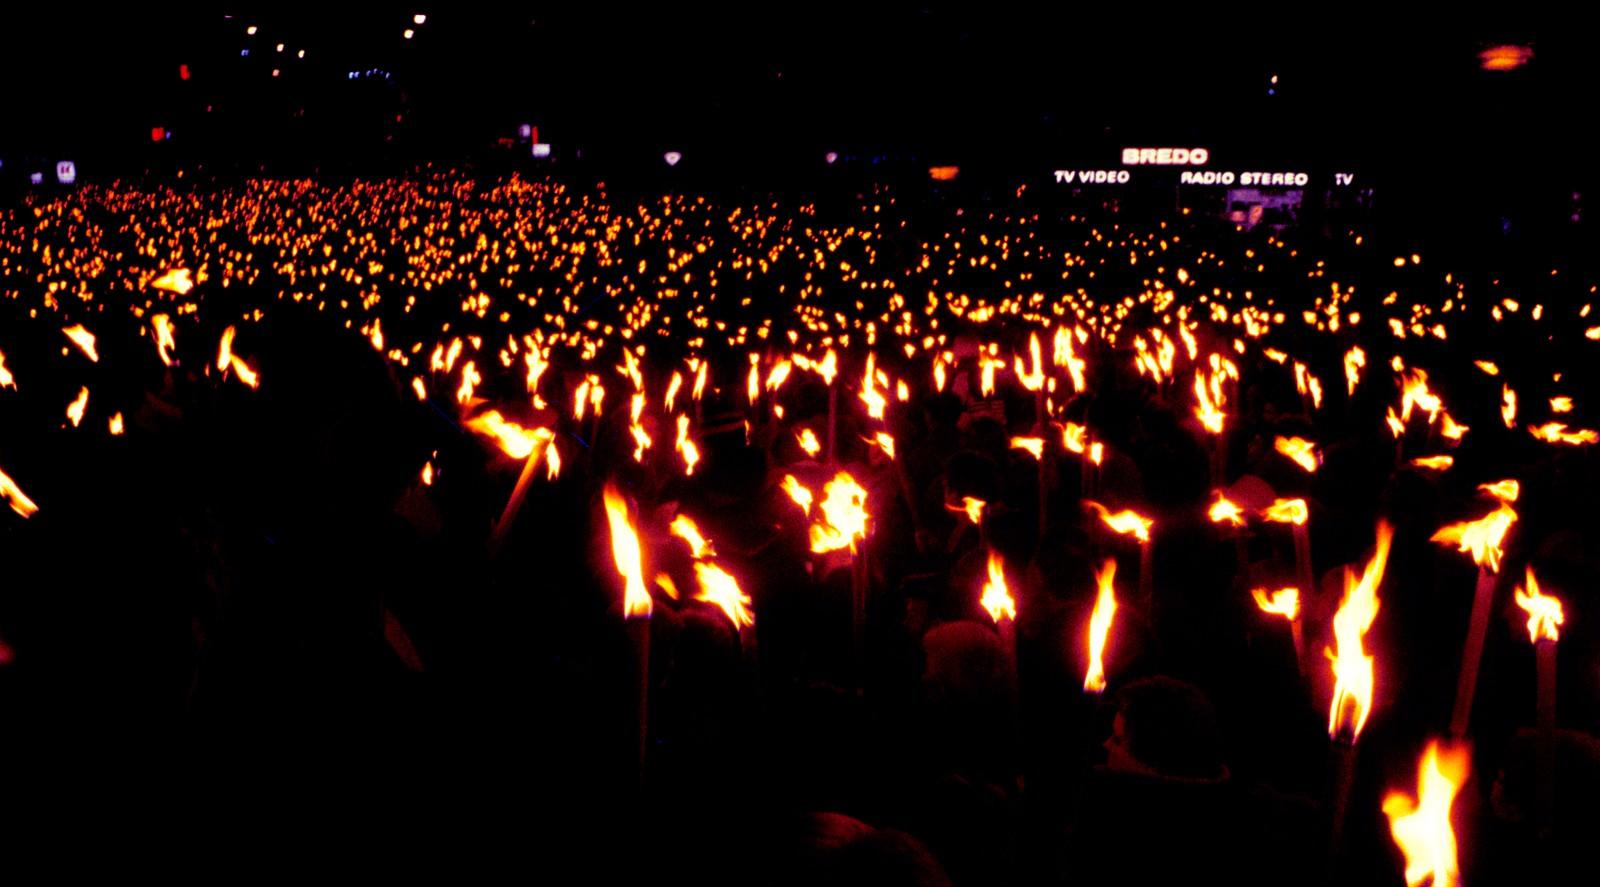 Mange gikk i fakkeltog og deltok i minnehøytidligheten over Palmes død i Oslo i 1983.